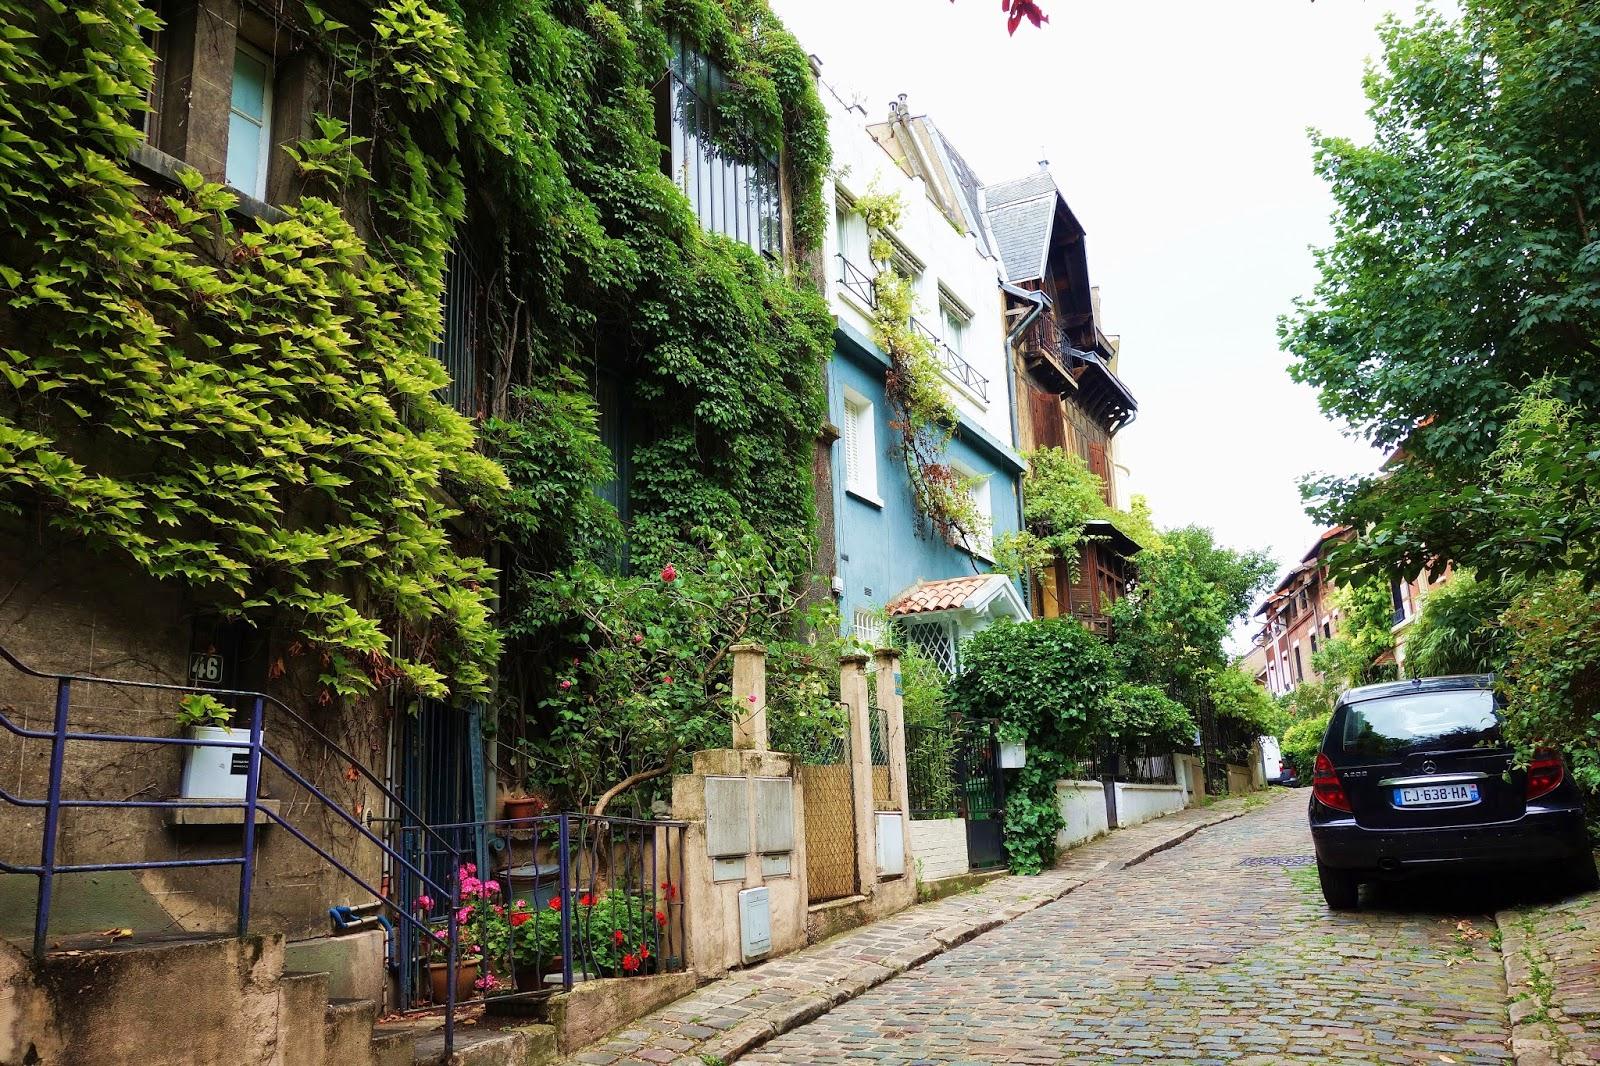 Paris Ville Fleurie